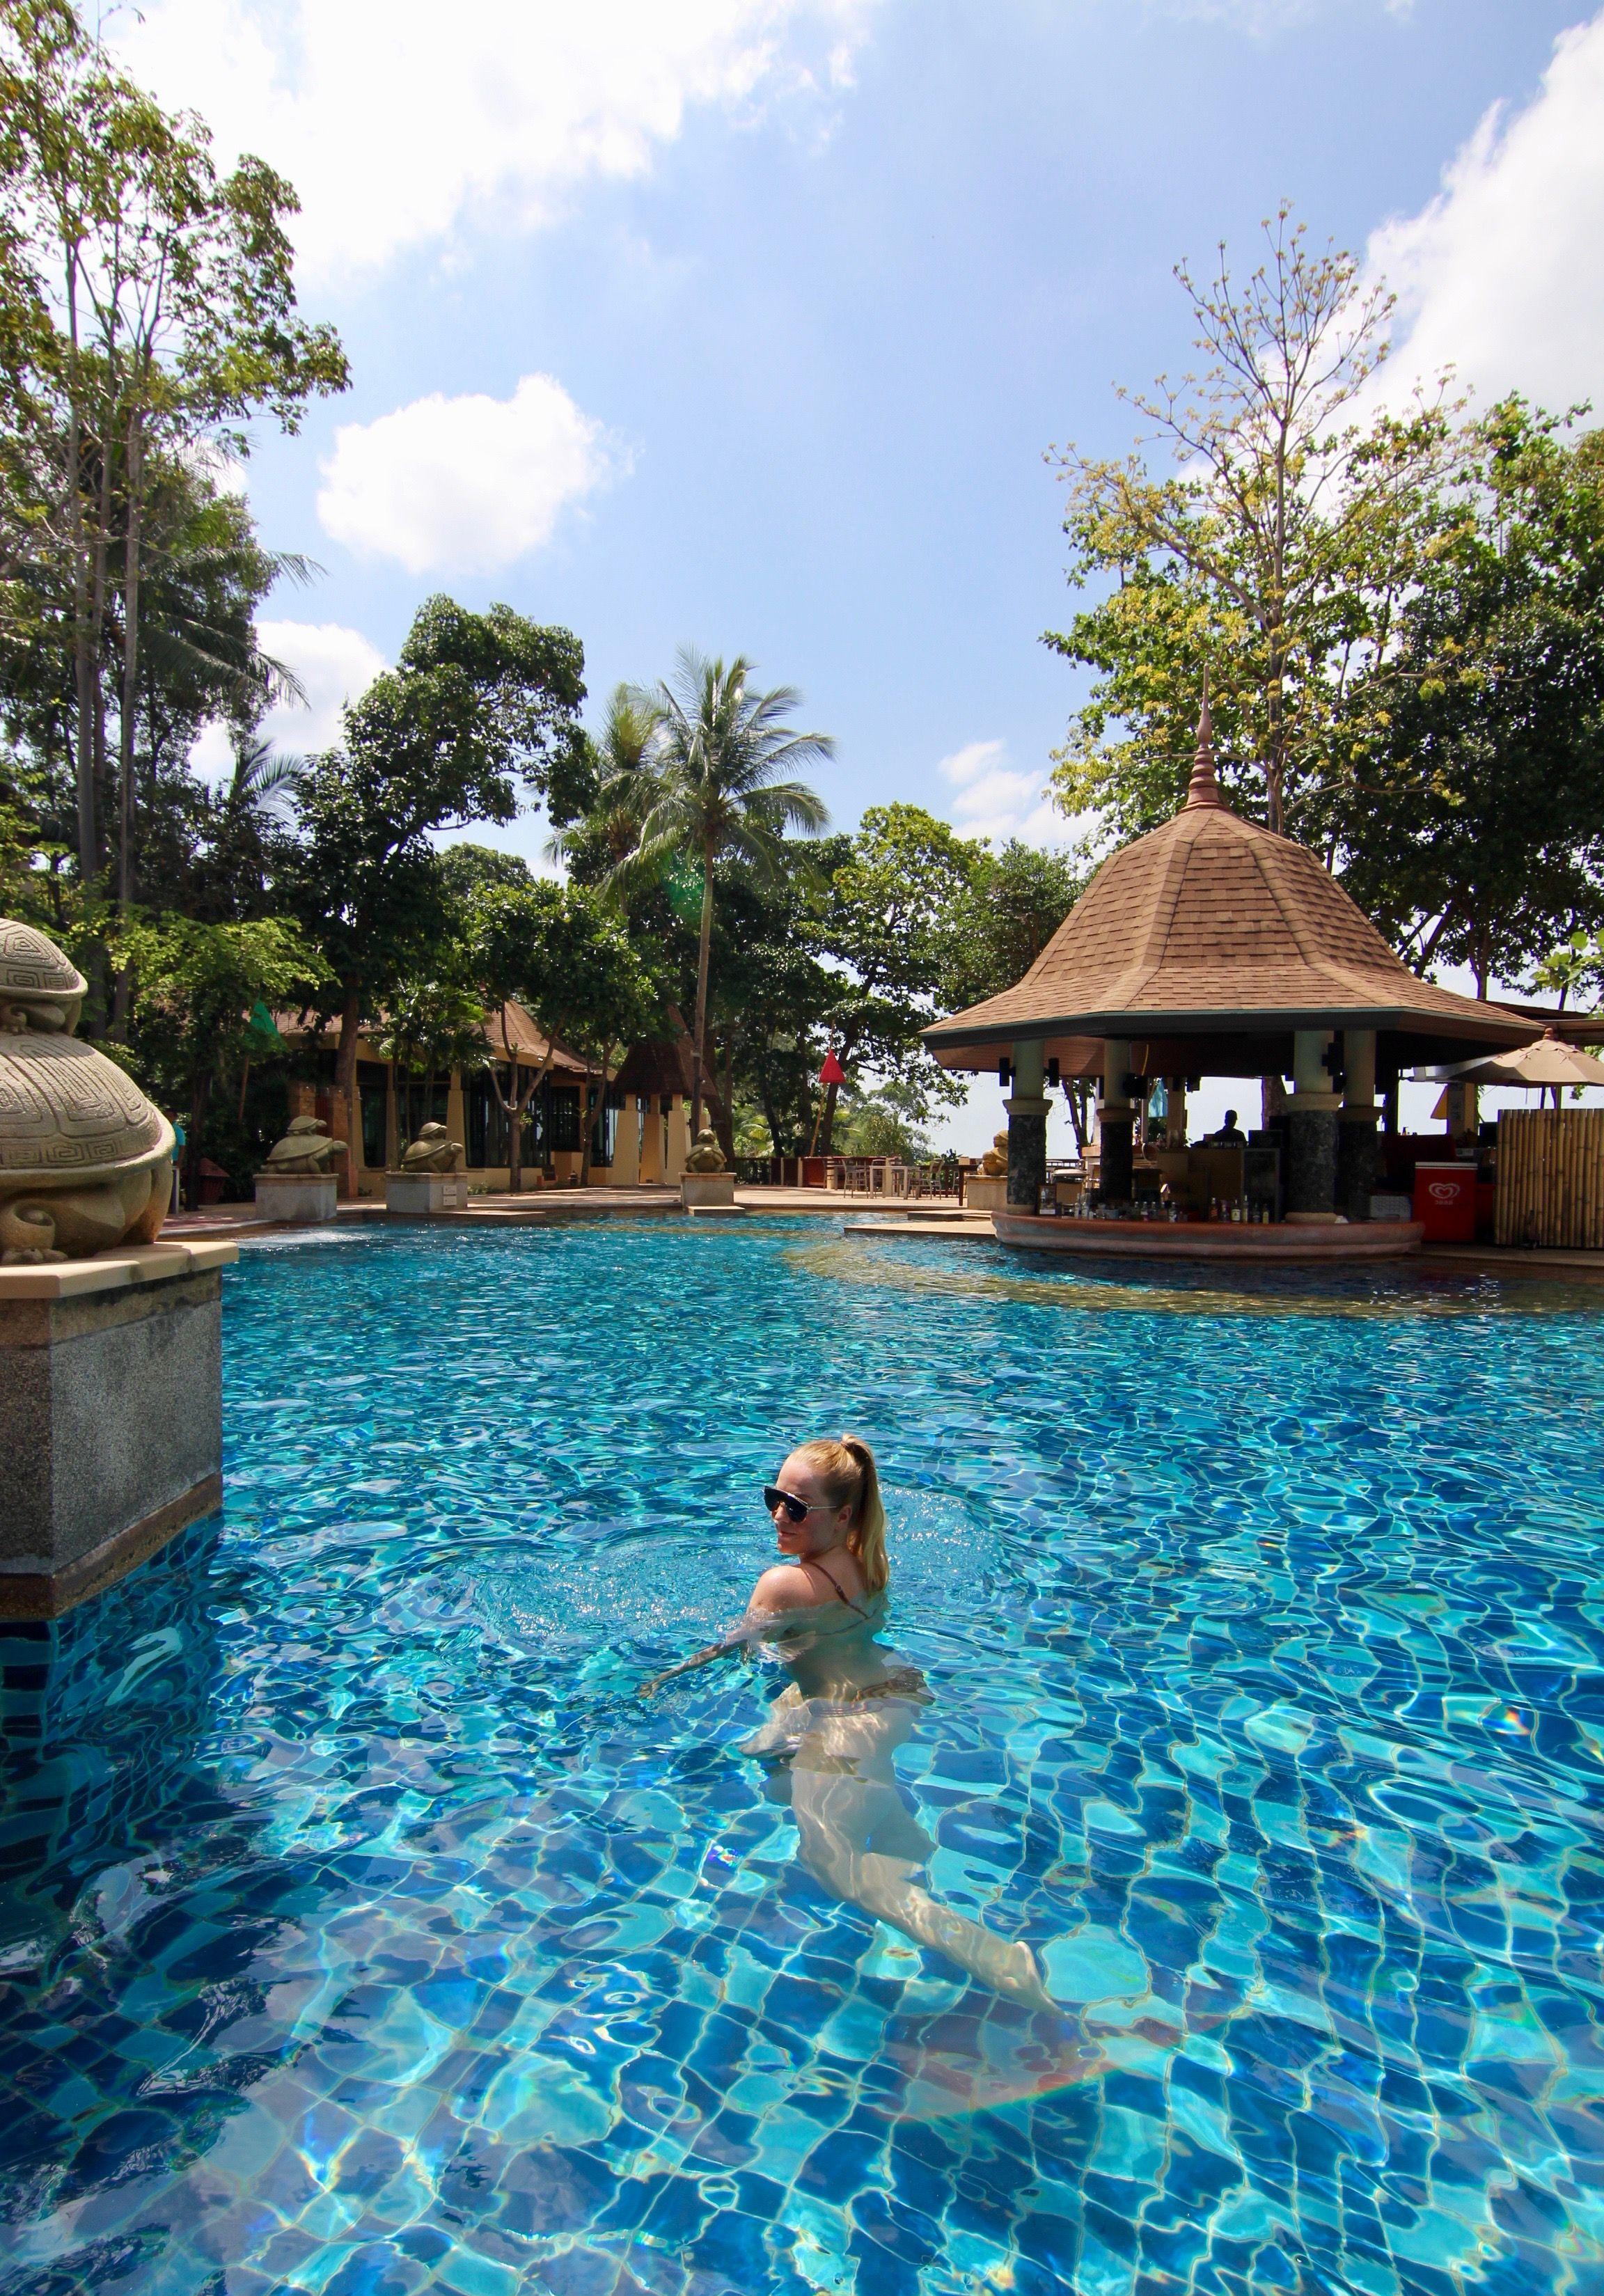 Ko Lanta Luxury resort pool